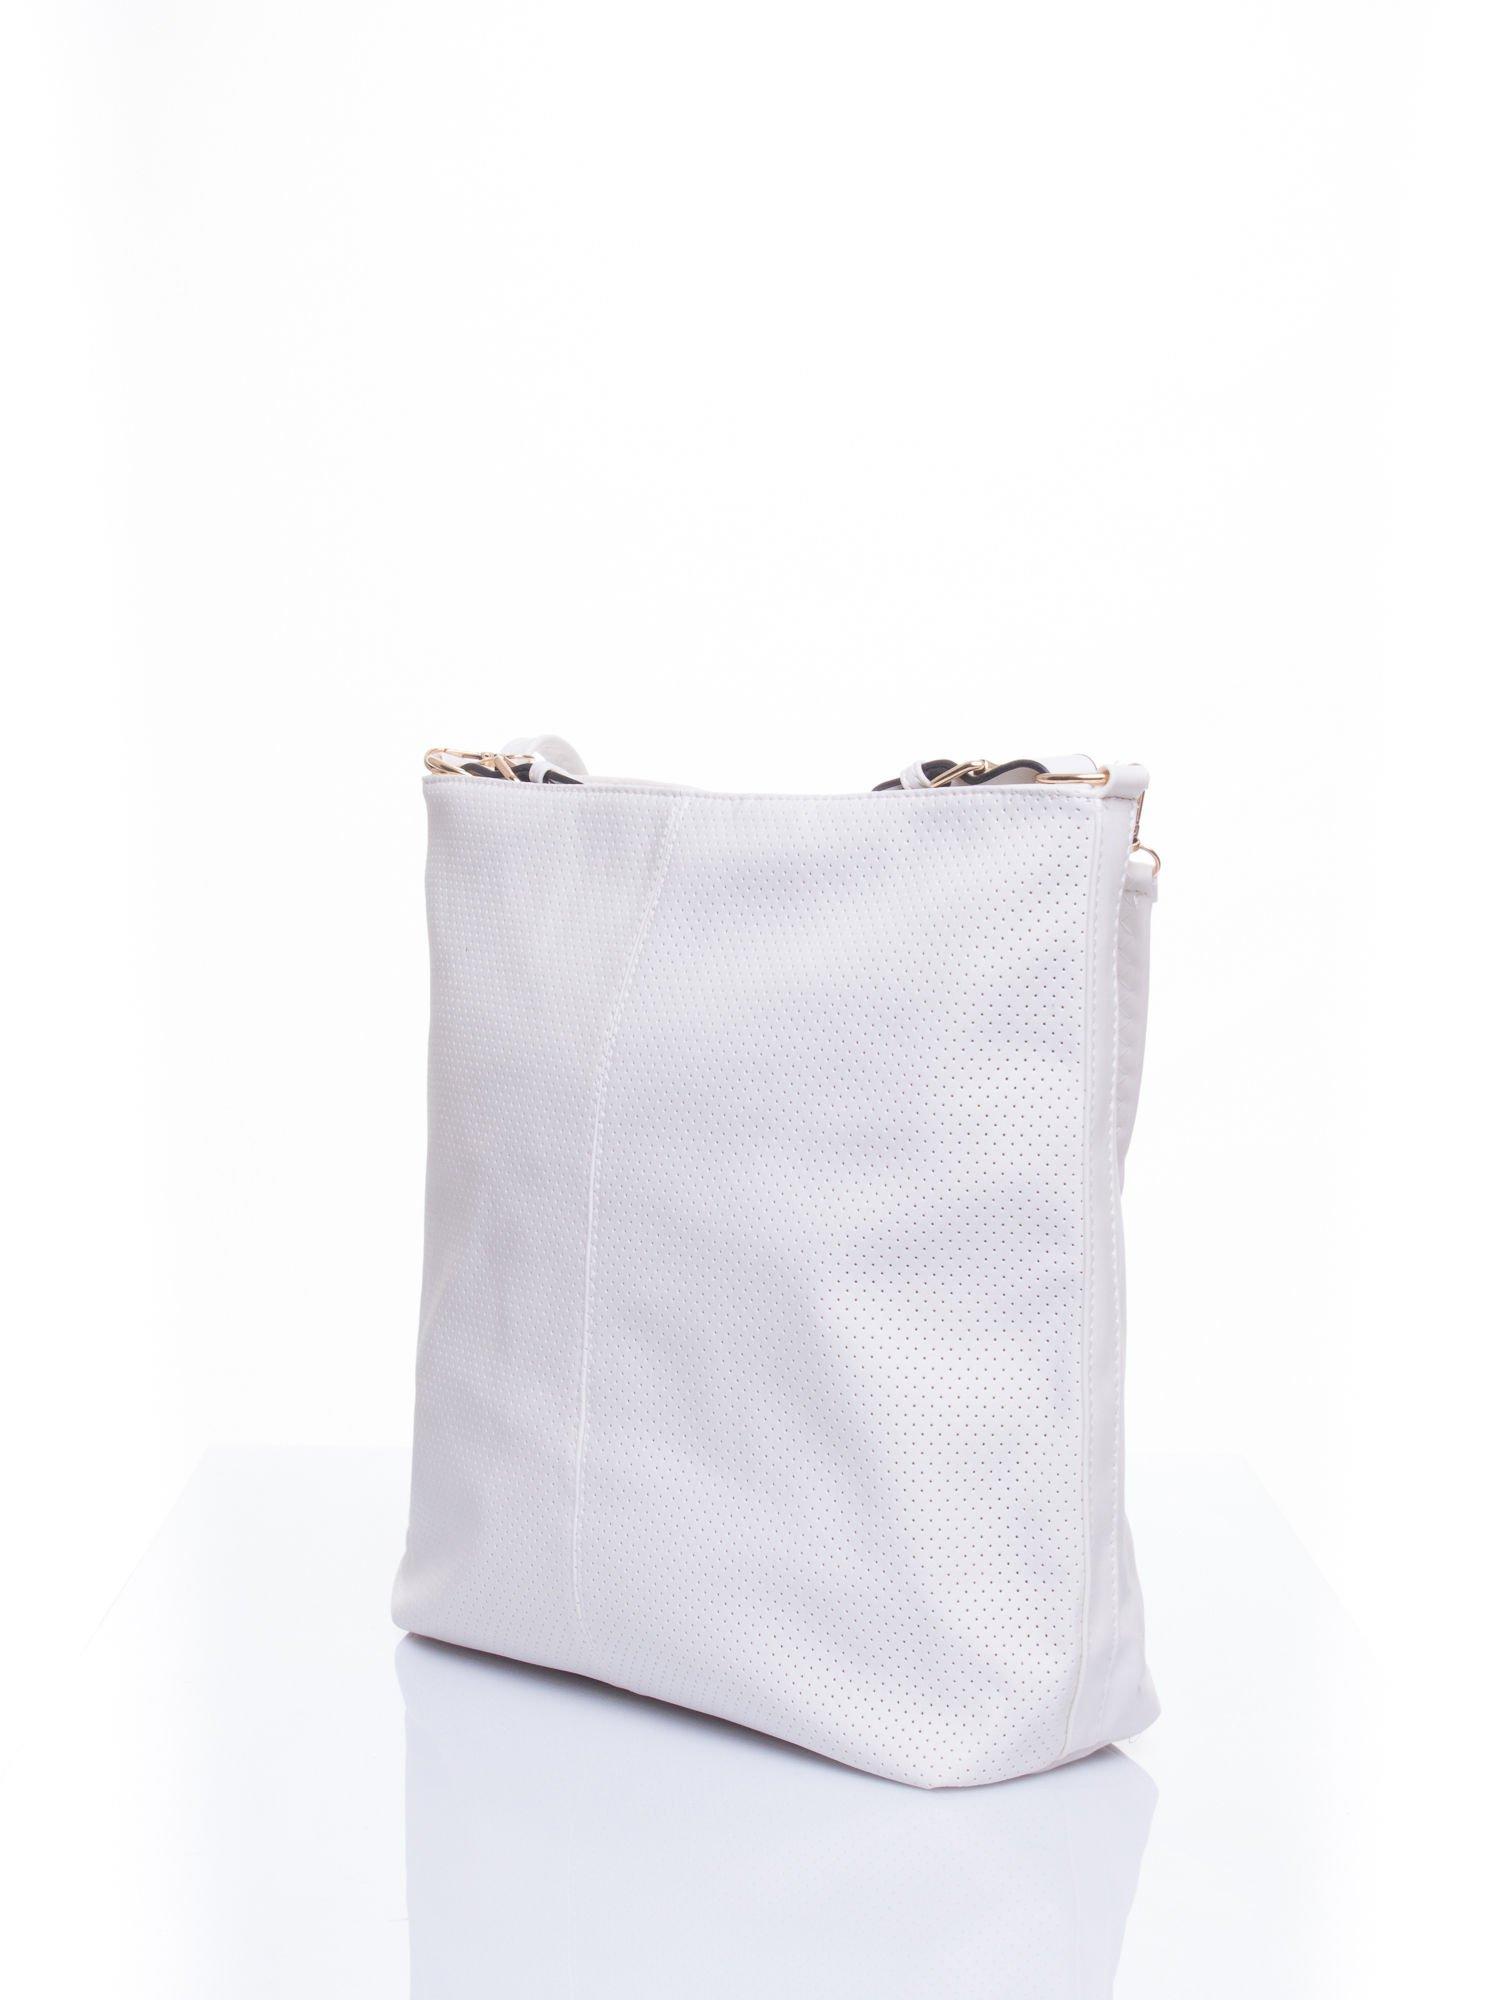 Biała torba damska hobo                                  zdj.                                  4